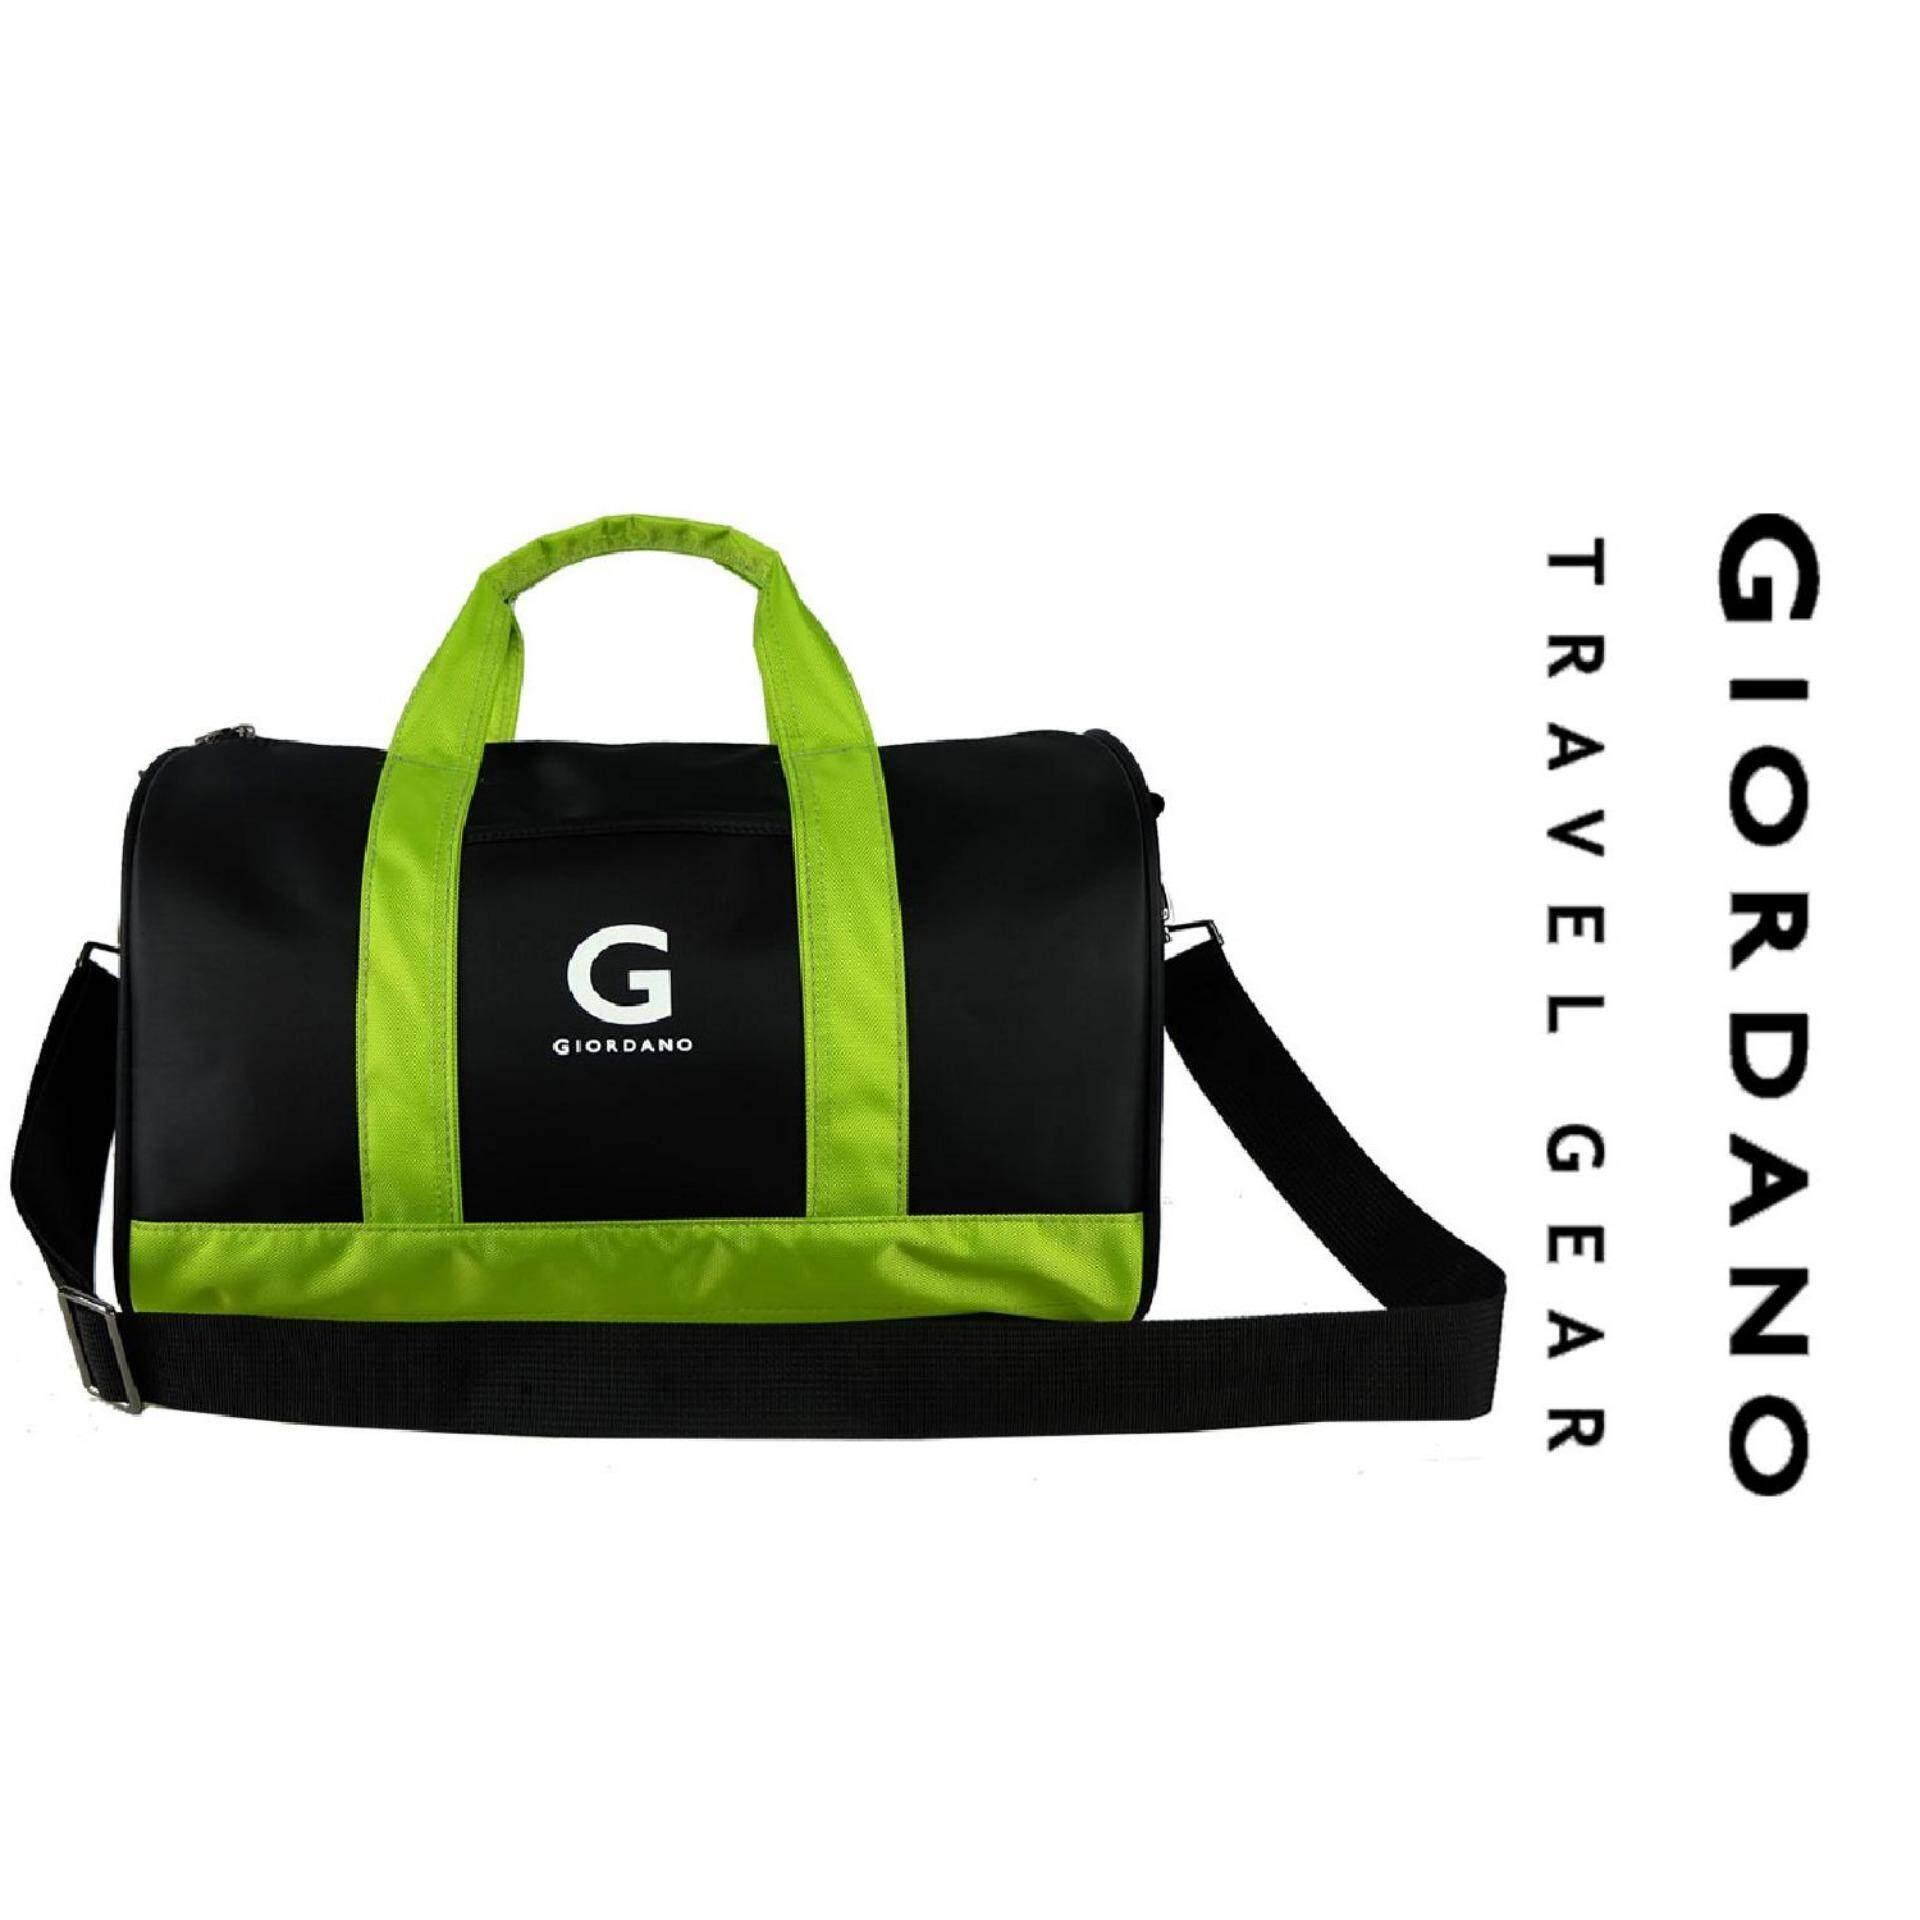 """Giordano 15"""" Stylish Travel Gear GT9609- Green/Black"""